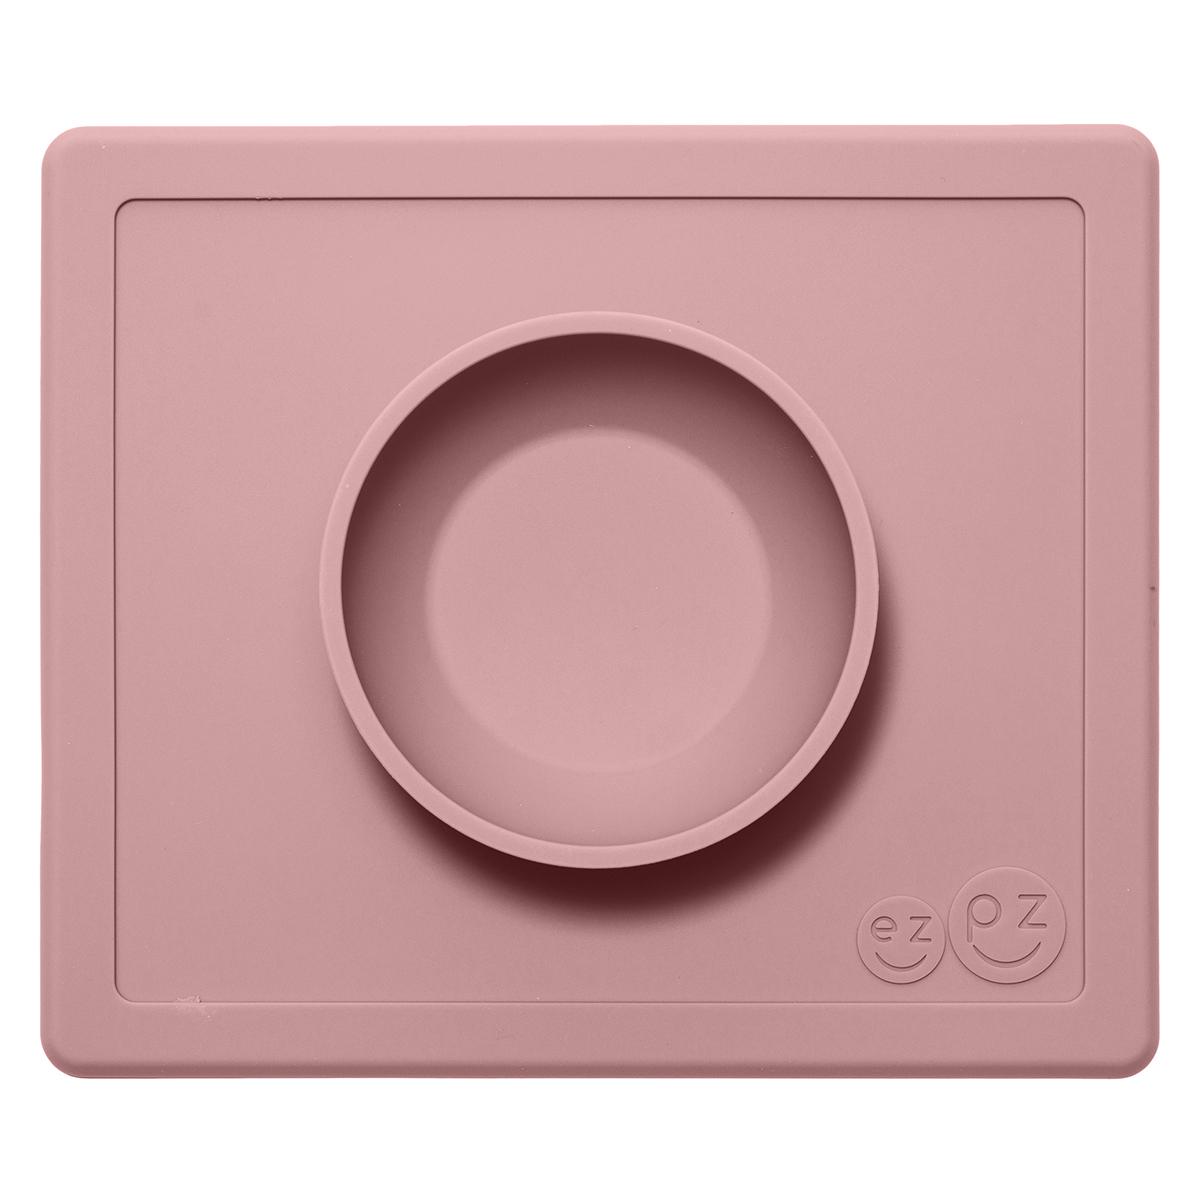 Vaisselle & Couvert Set de Table et Assiette Tout-en-1 Irrenversable Happy Bowl - Rose Poudré